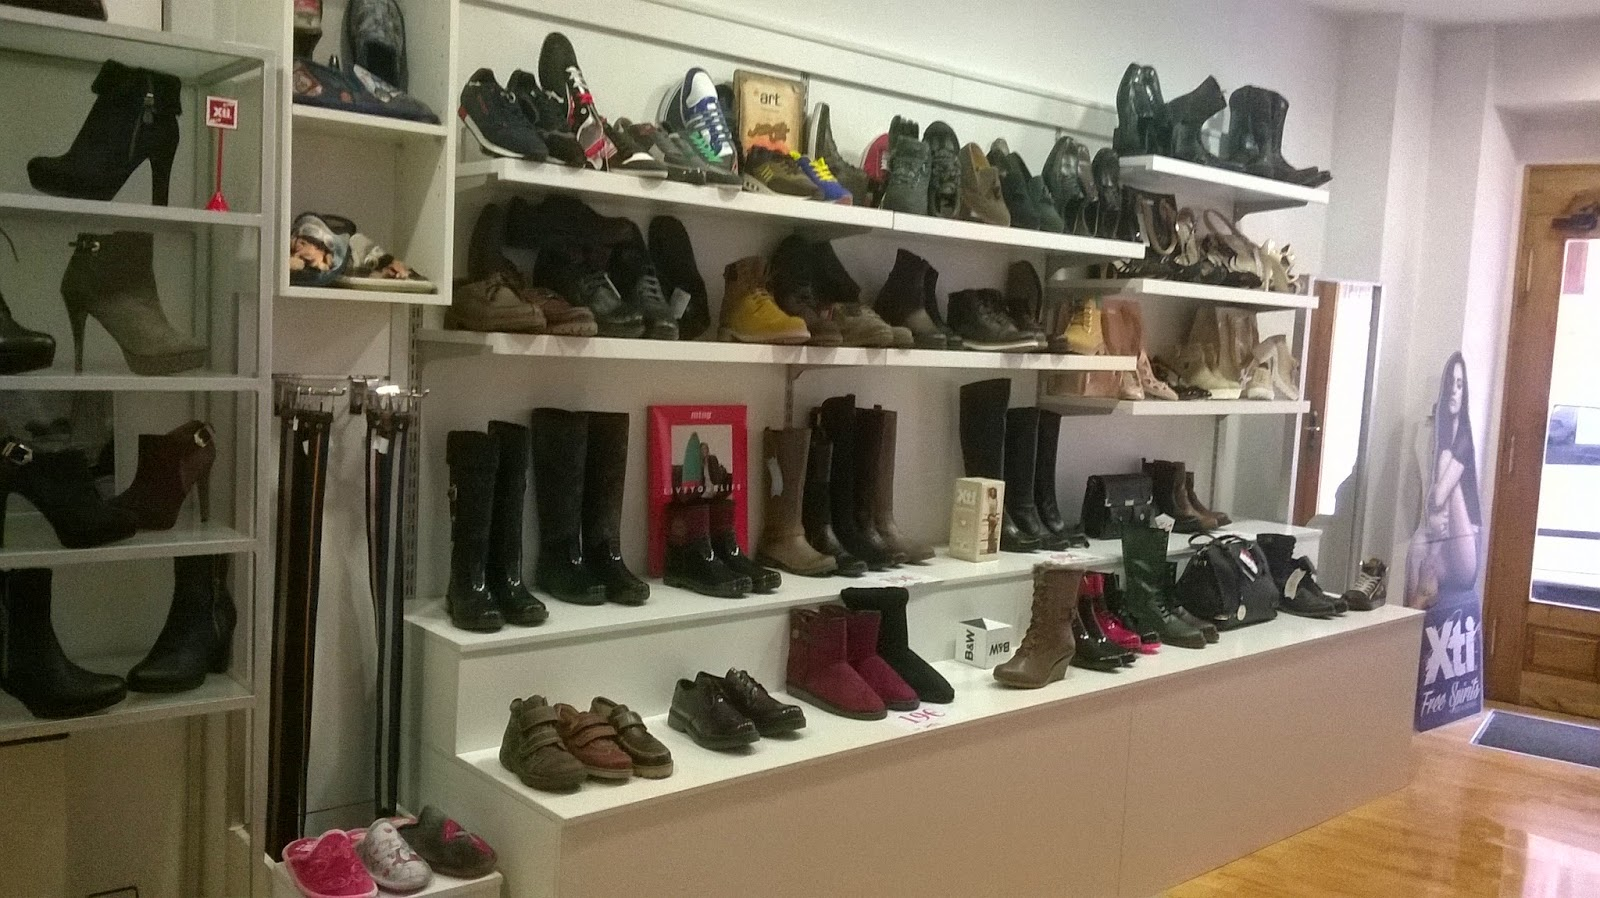 Fotos de mobiliario para zapater as anfra instalaciones comerciales - Estanterias para calzado ...